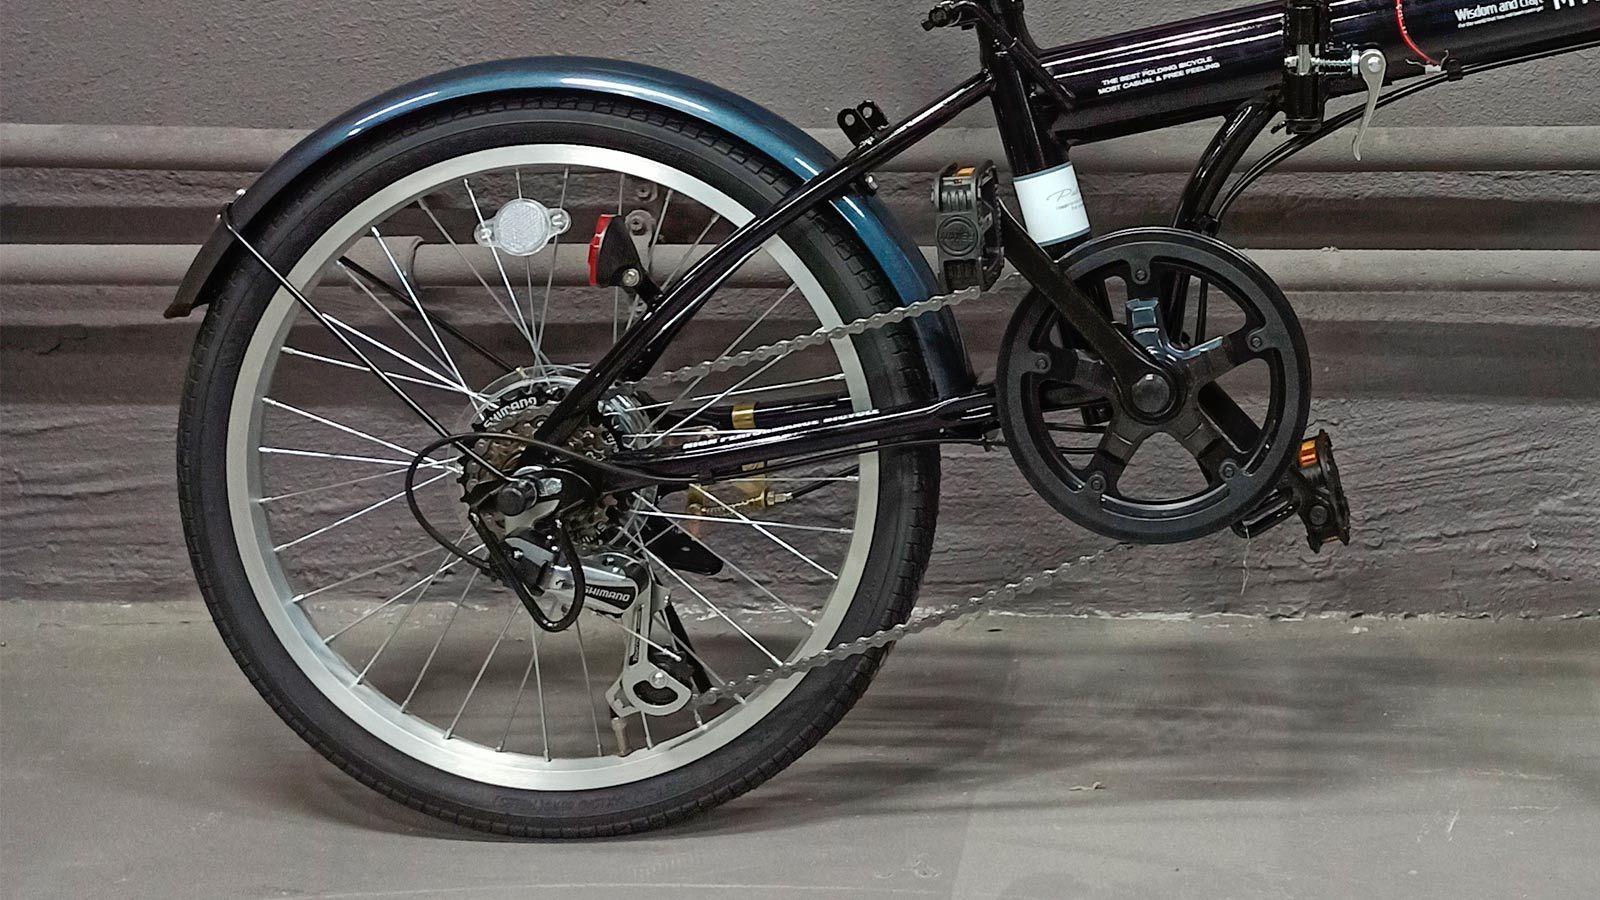 заднее колесо и педаль японского городского велосипеда